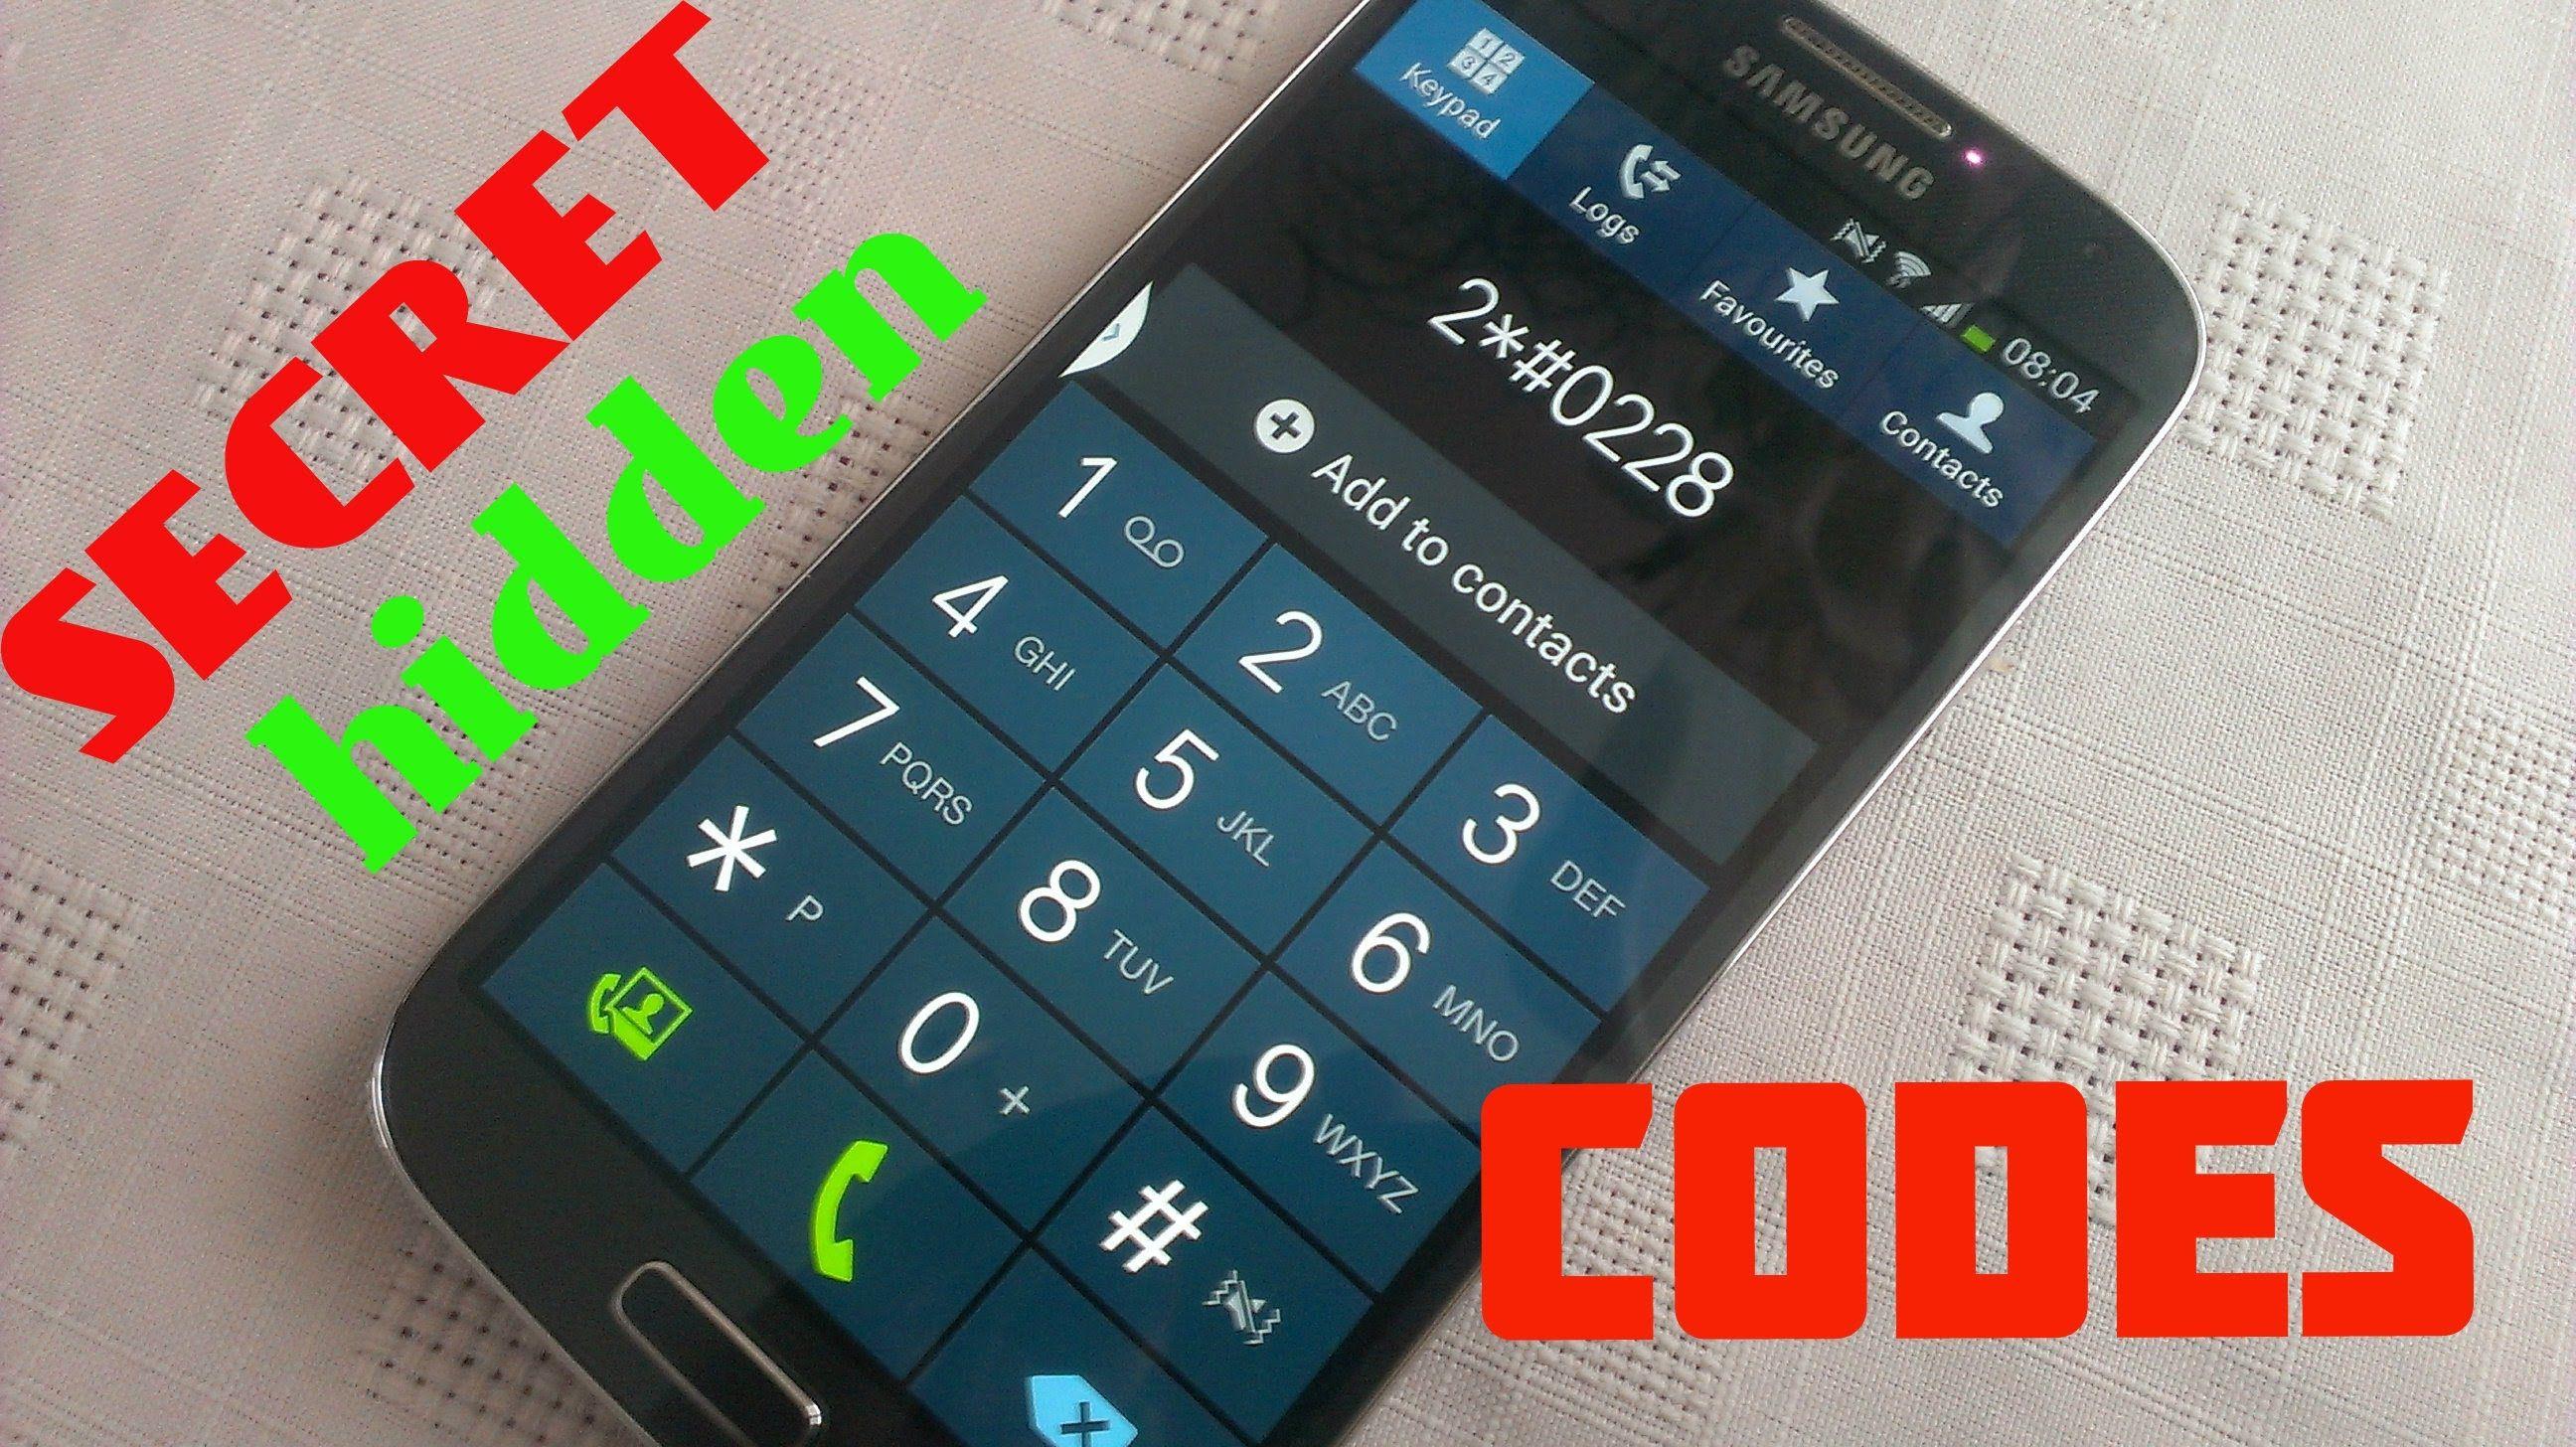 67531dfbfd6c27c83c0ba3d1977f344c - How To Get The Most Out Of My Galaxy S4